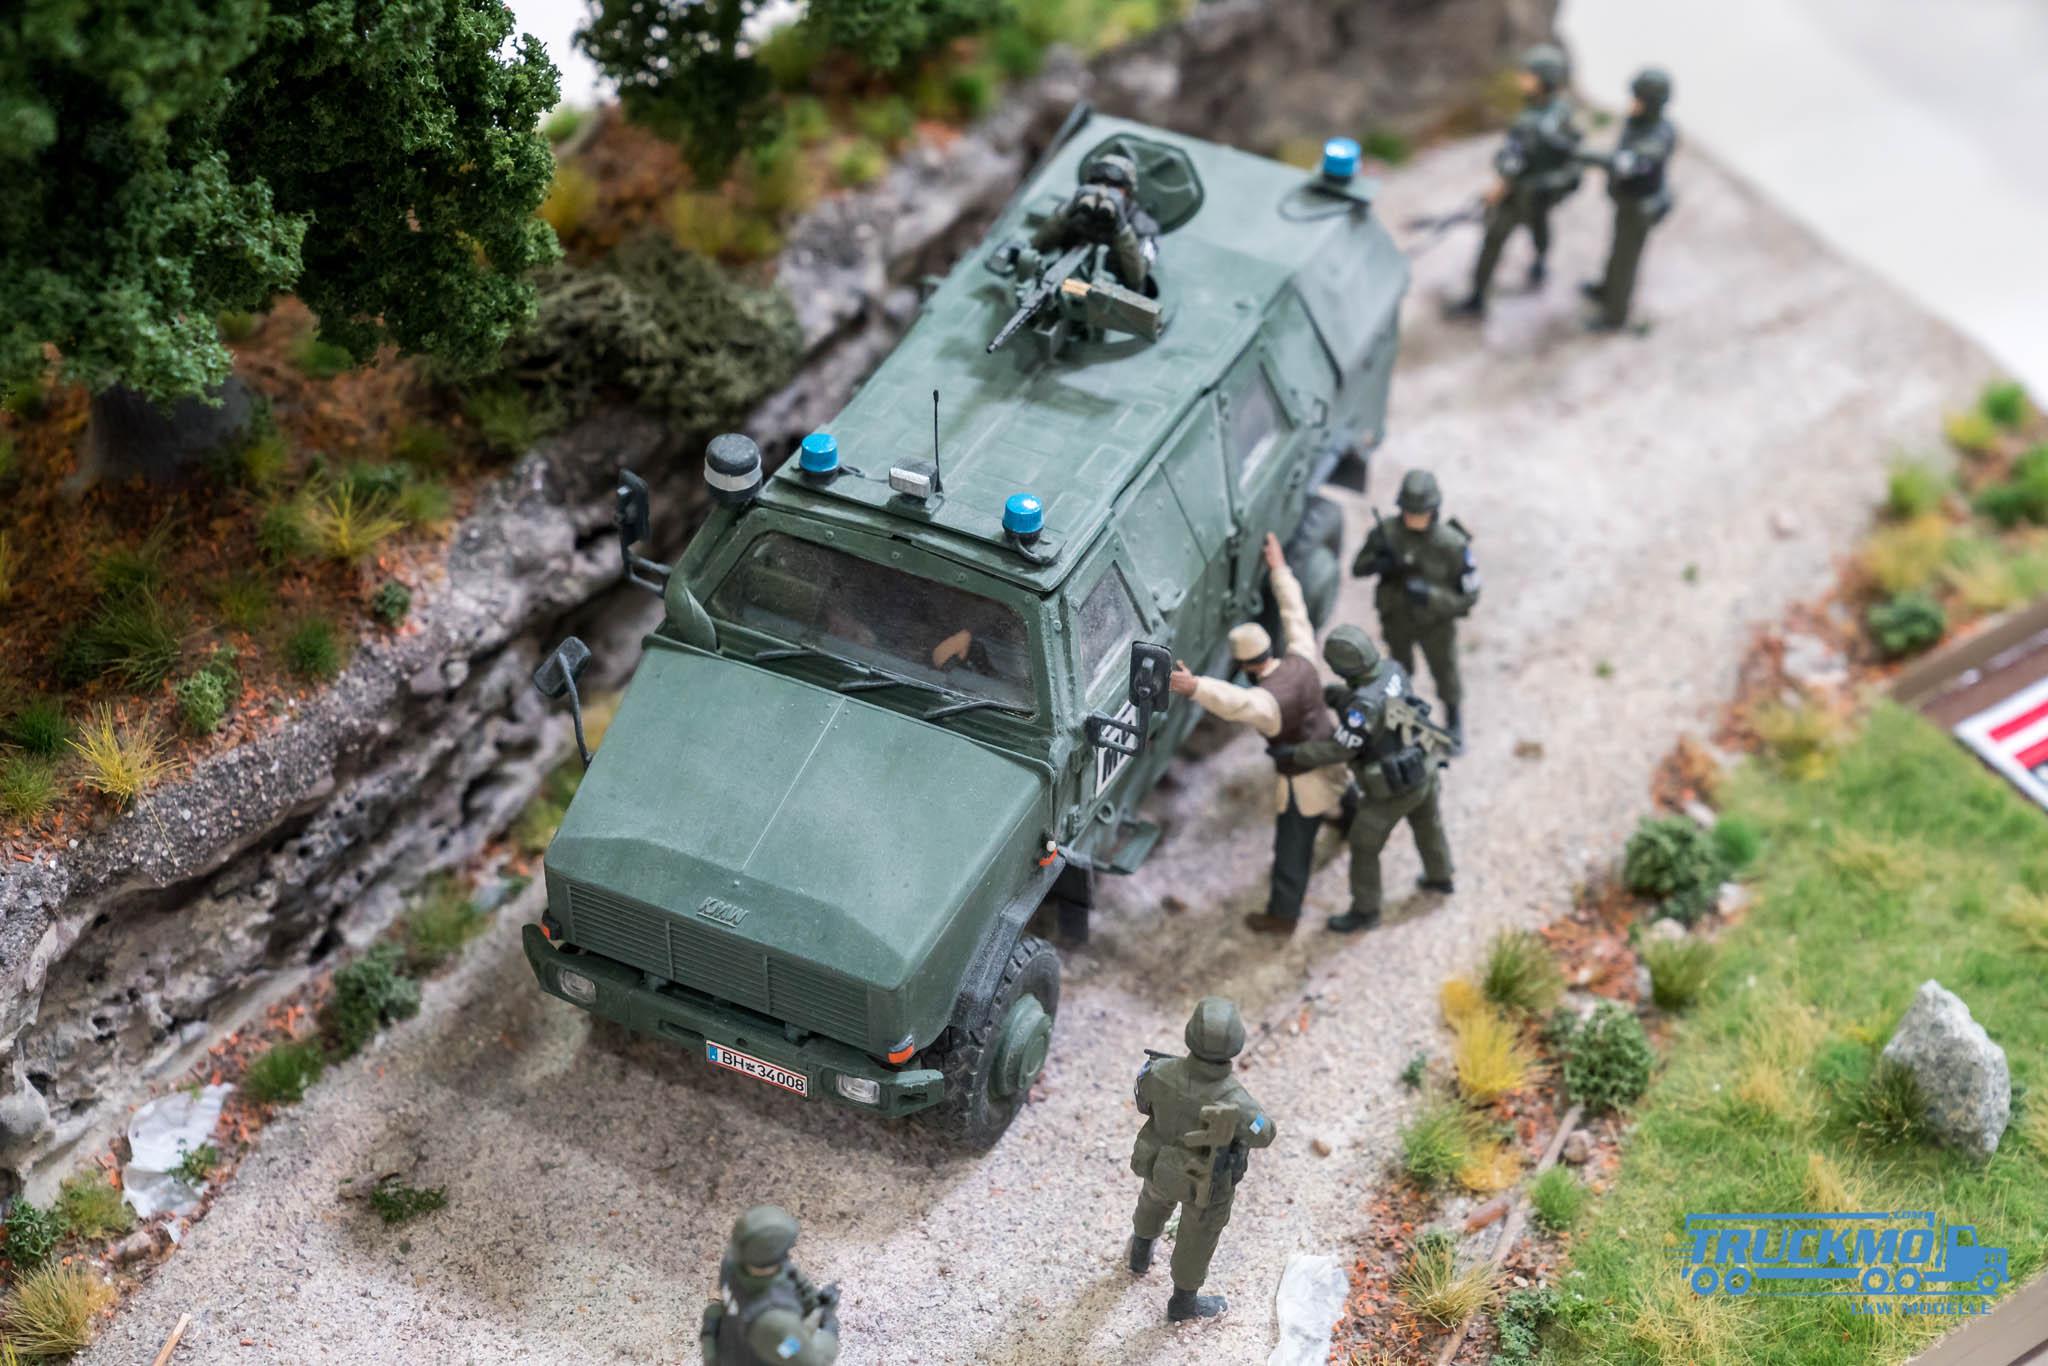 Truckmo_Modellbau_Ried_2017_Herpa_Messe_Modellbauausstellung (466 von 1177)